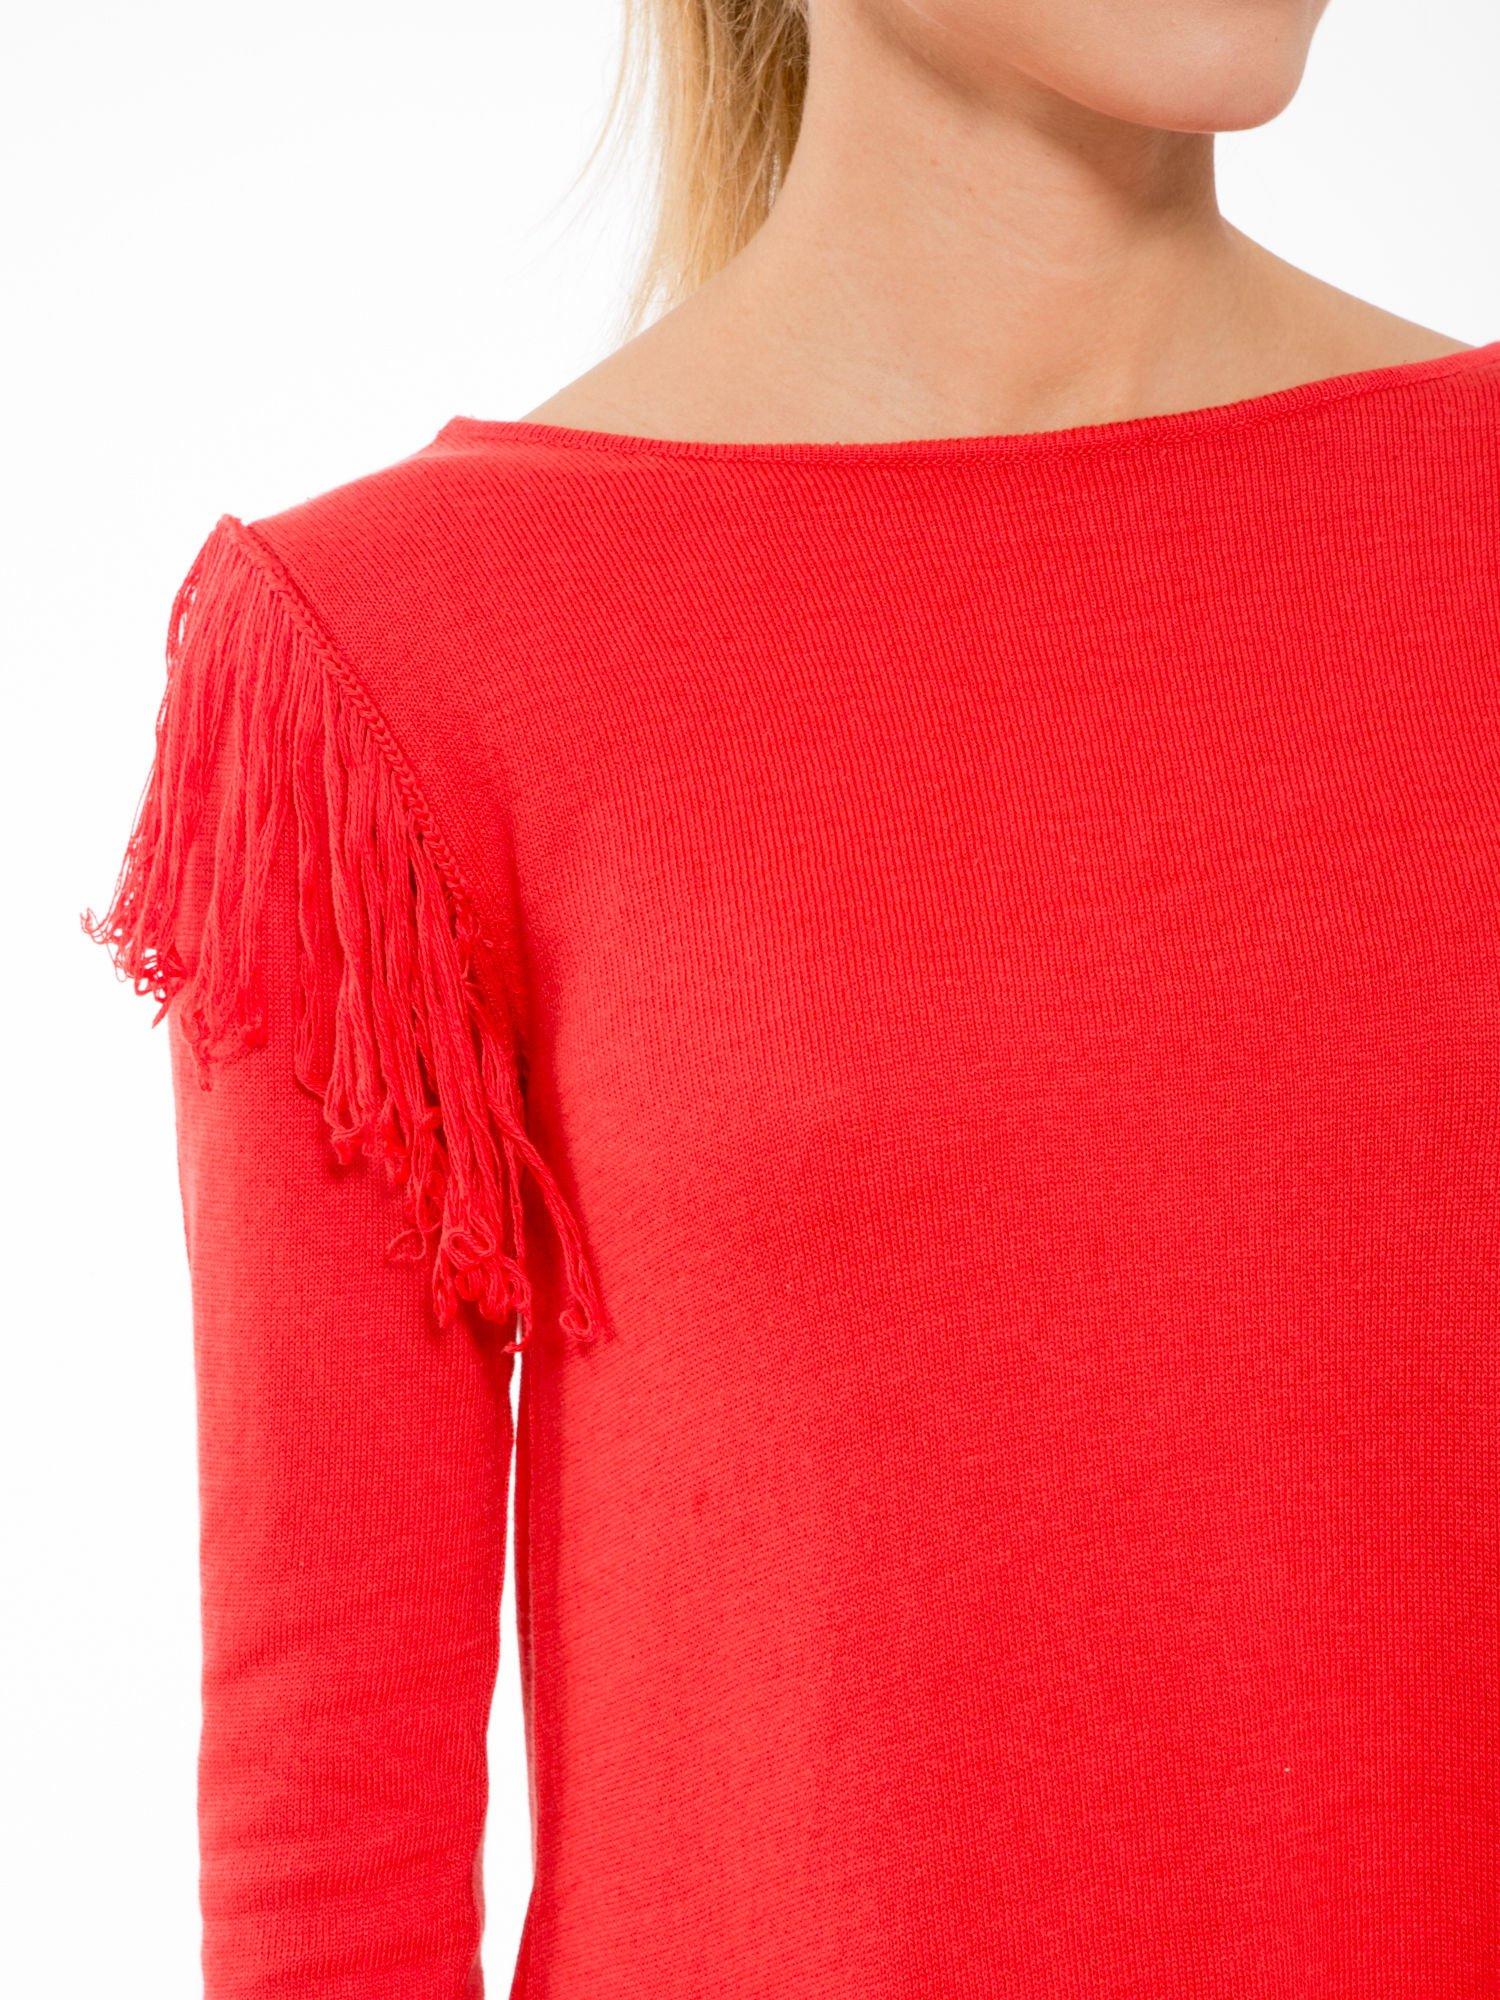 Czerwony sweter z frędzlami przy ramionach i dekoltem na plecach                                  zdj.                                  5